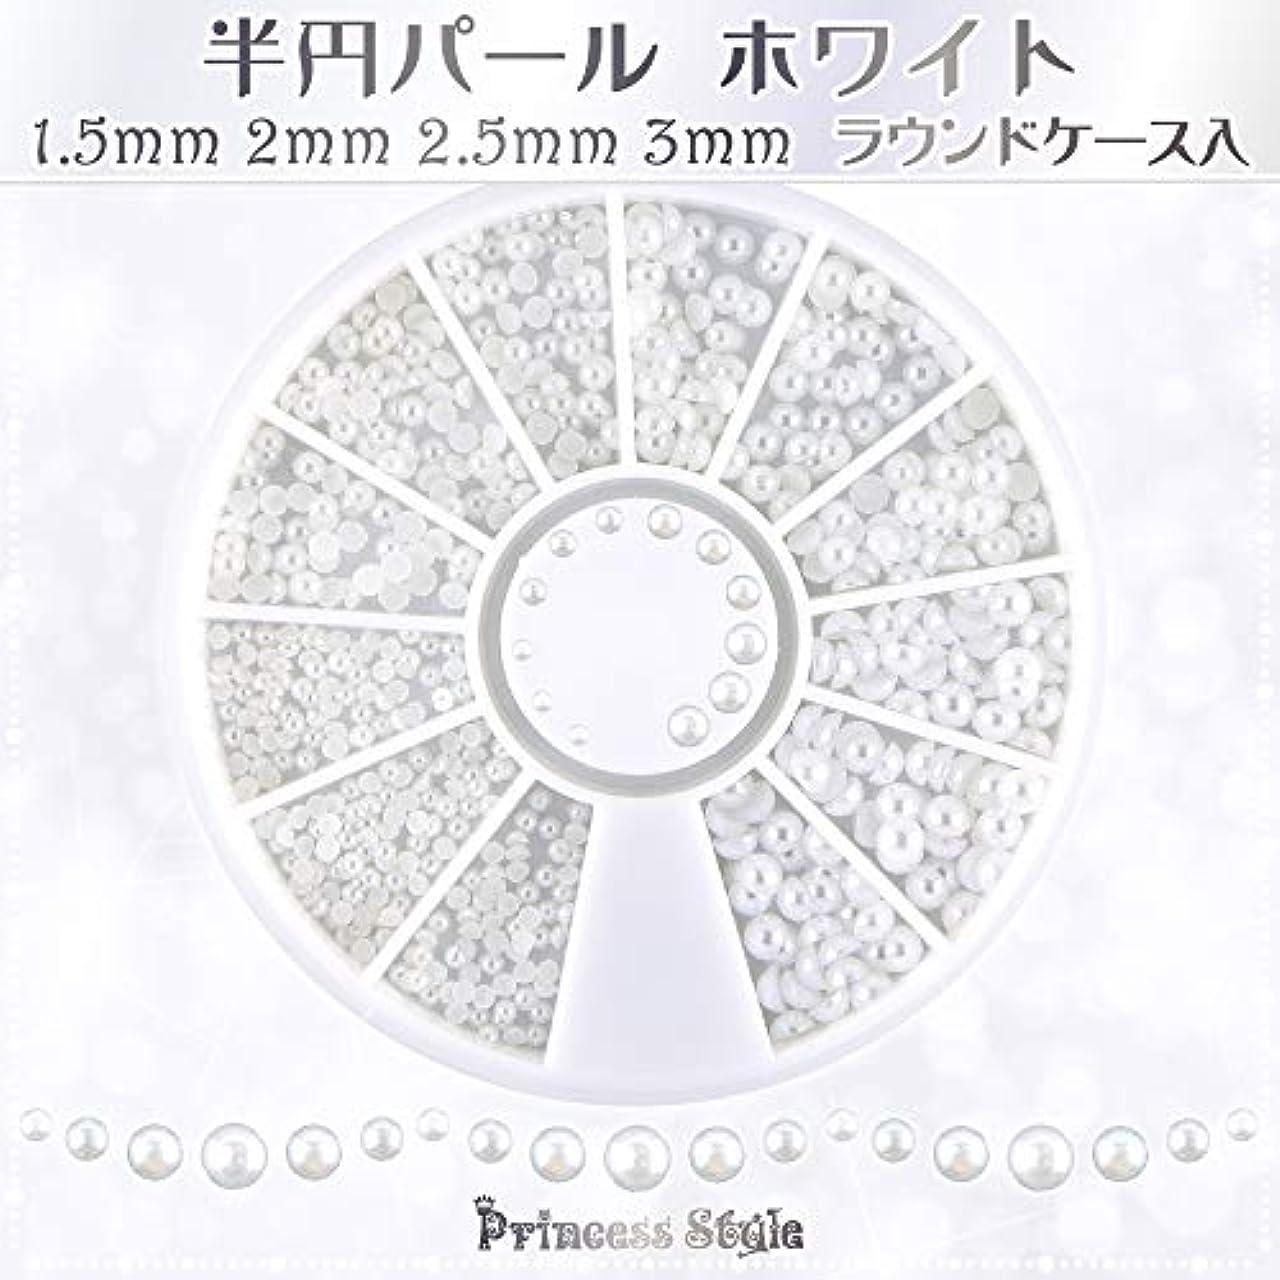 冒険者新年アナリスト半円パール ホワイト ネイル デコ用 1.5mm,2mm,2.5mm,3mm ラウンドケース入